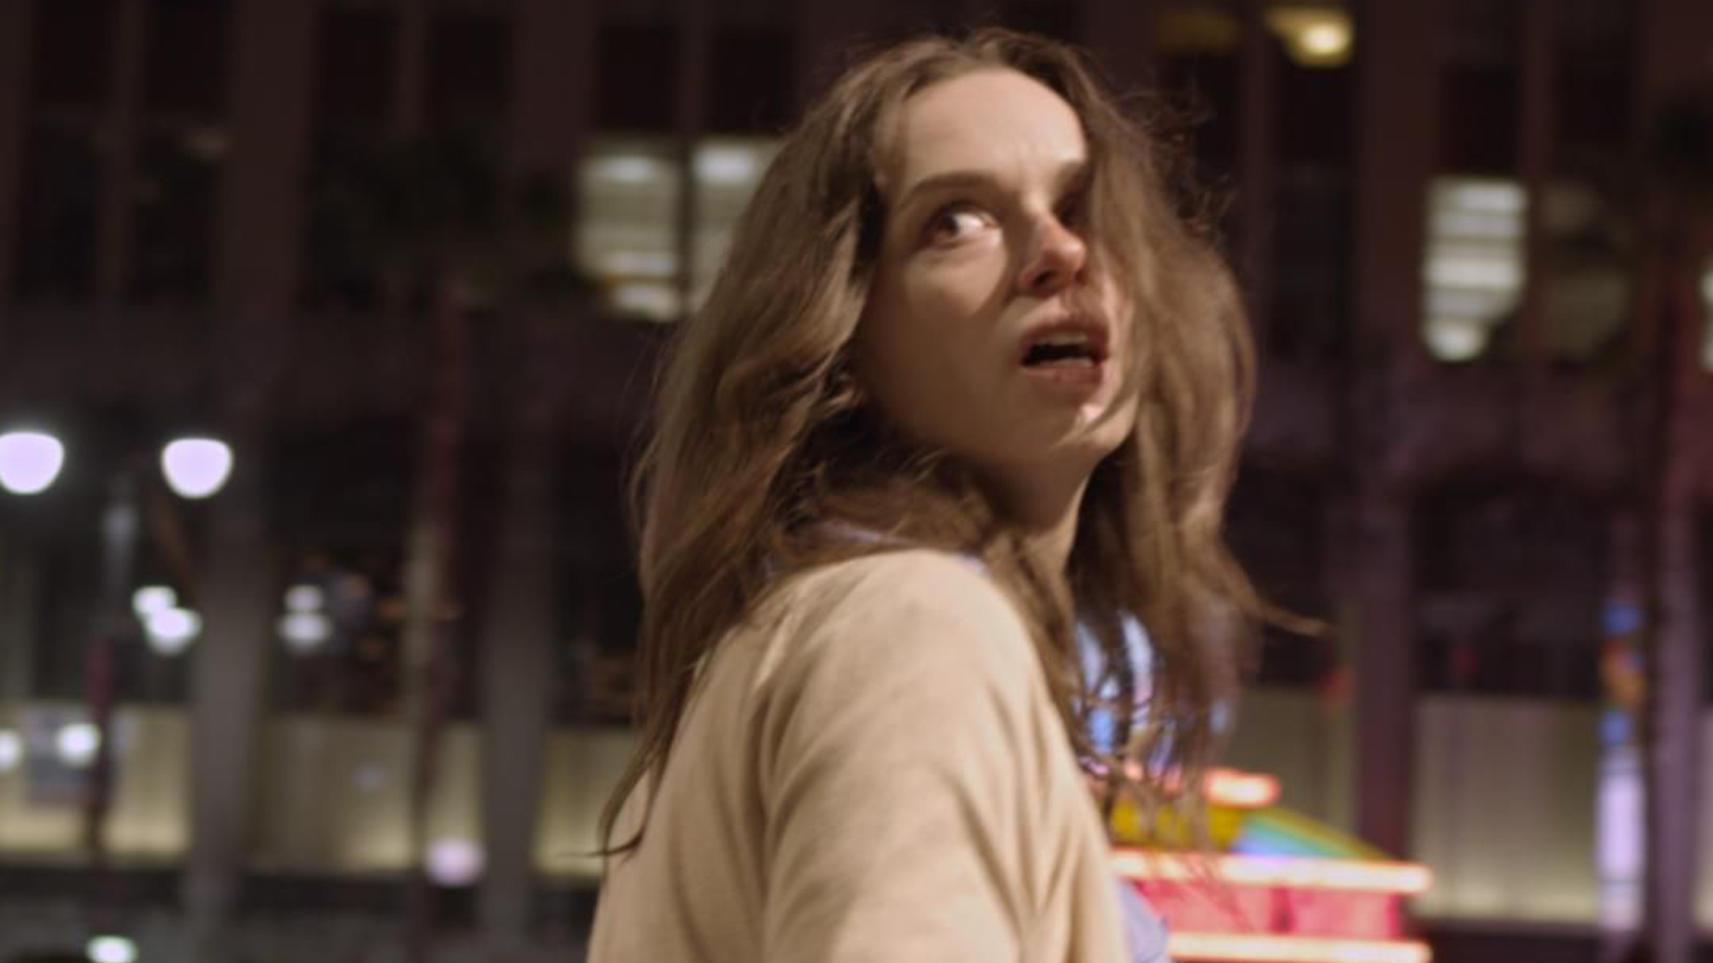 小涛电影解说:几分钟看完美国恐怖电影《闪亮的眼睛》